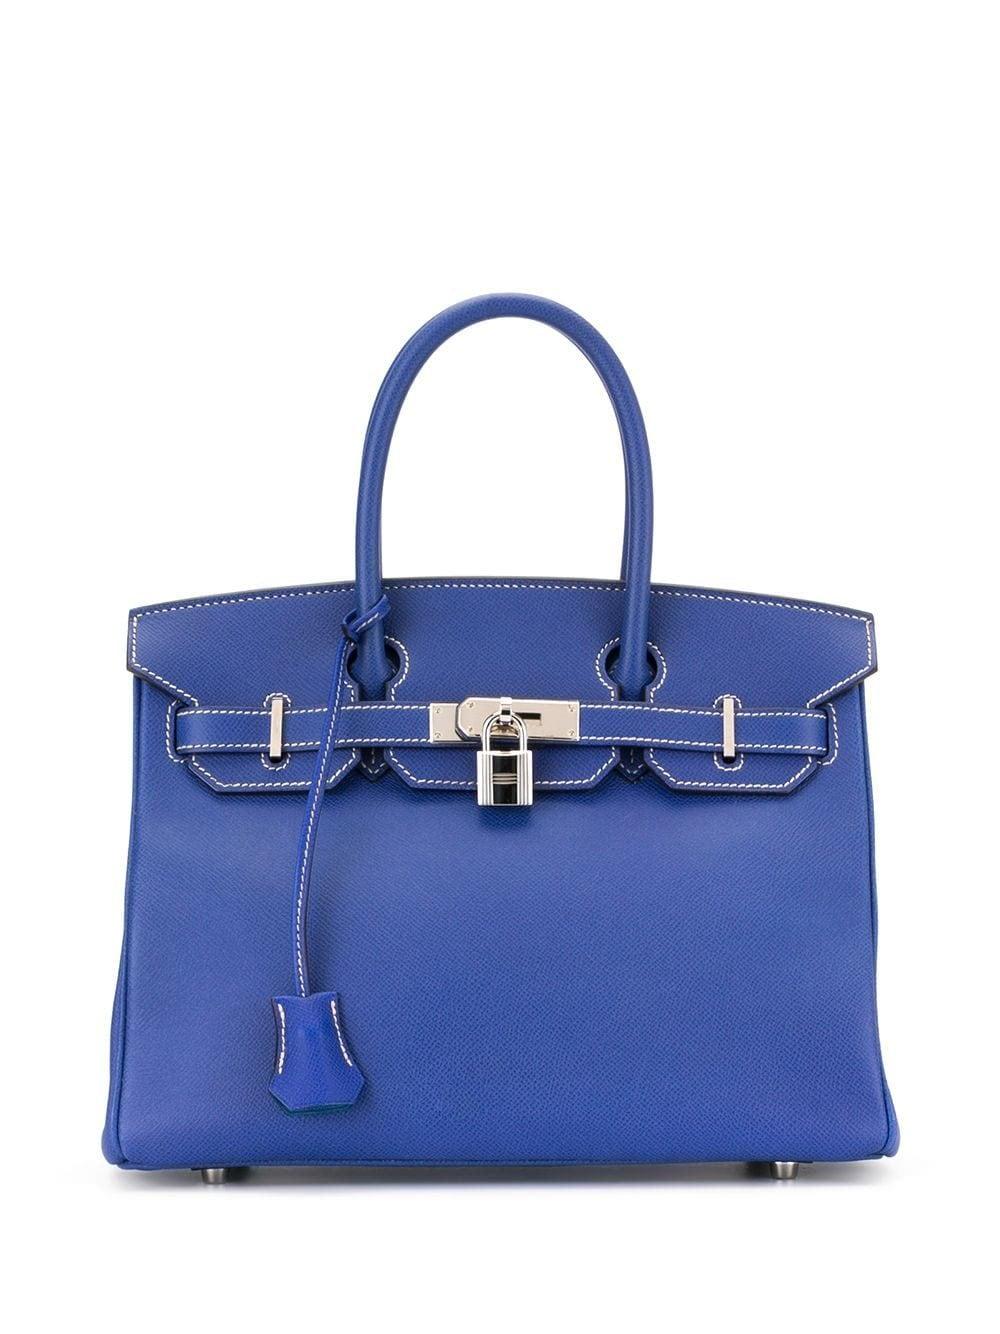 Firkin bag di Hermès in blu cobalto